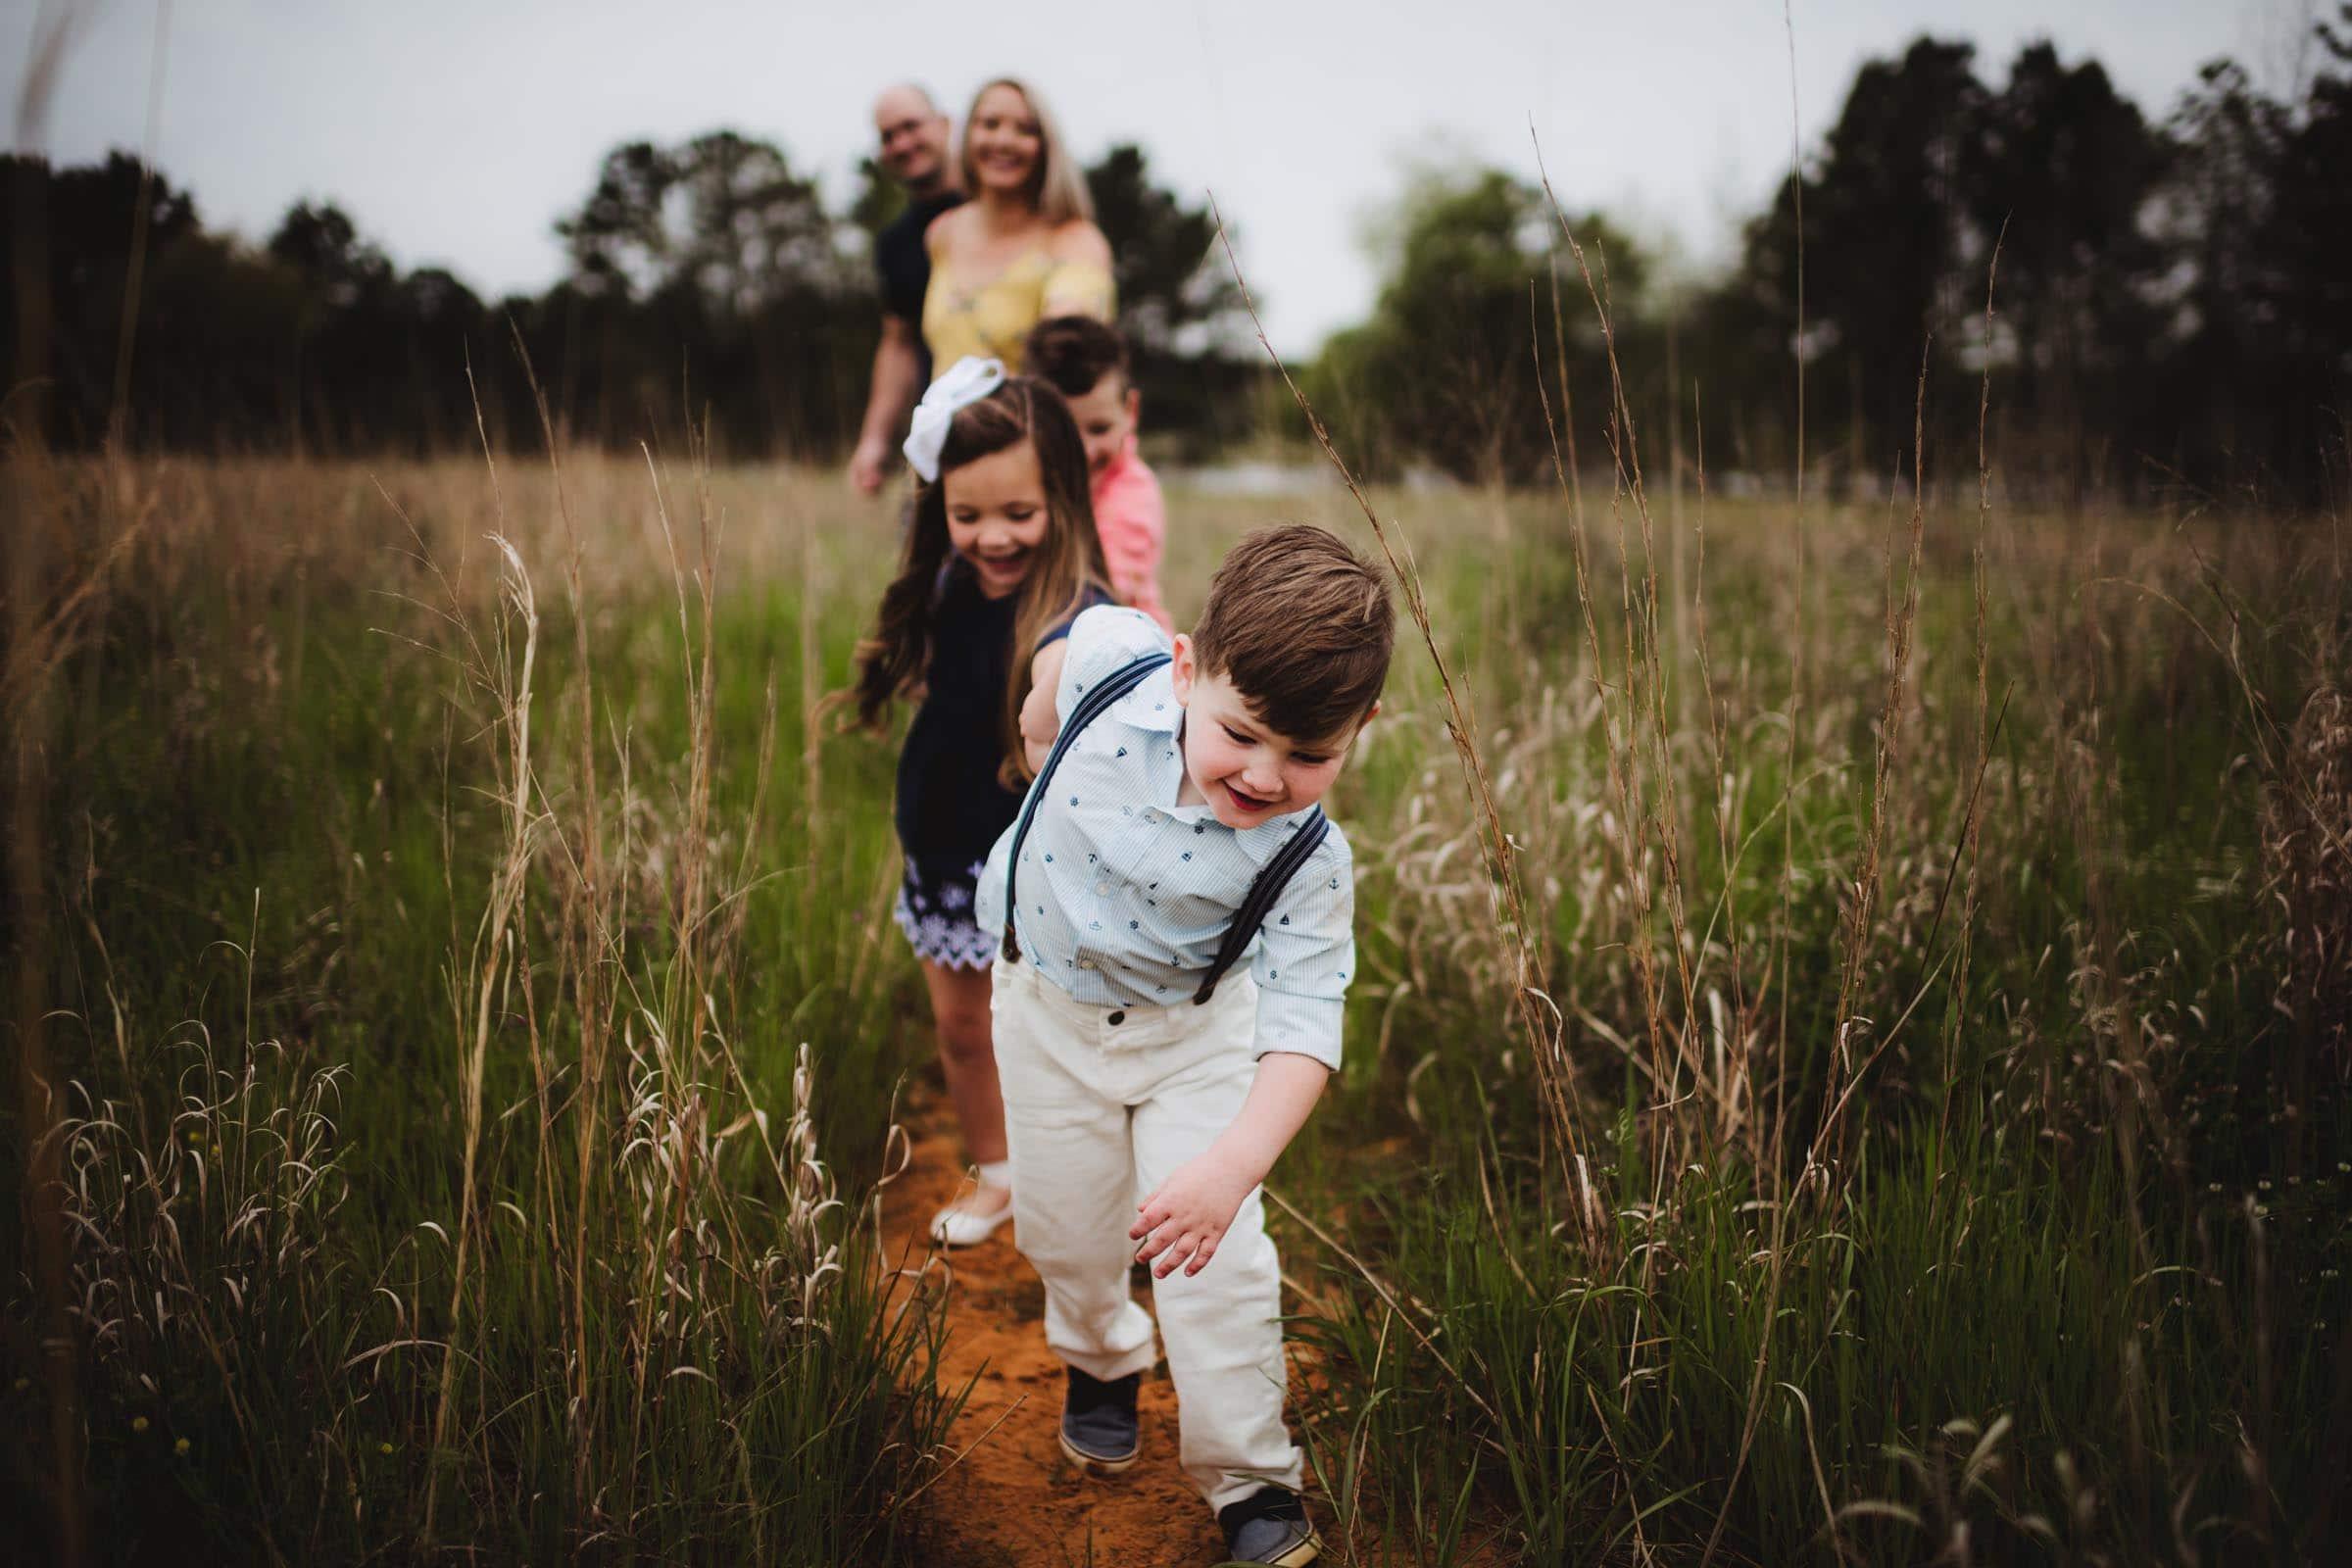 Little Boy Leading Family in Field